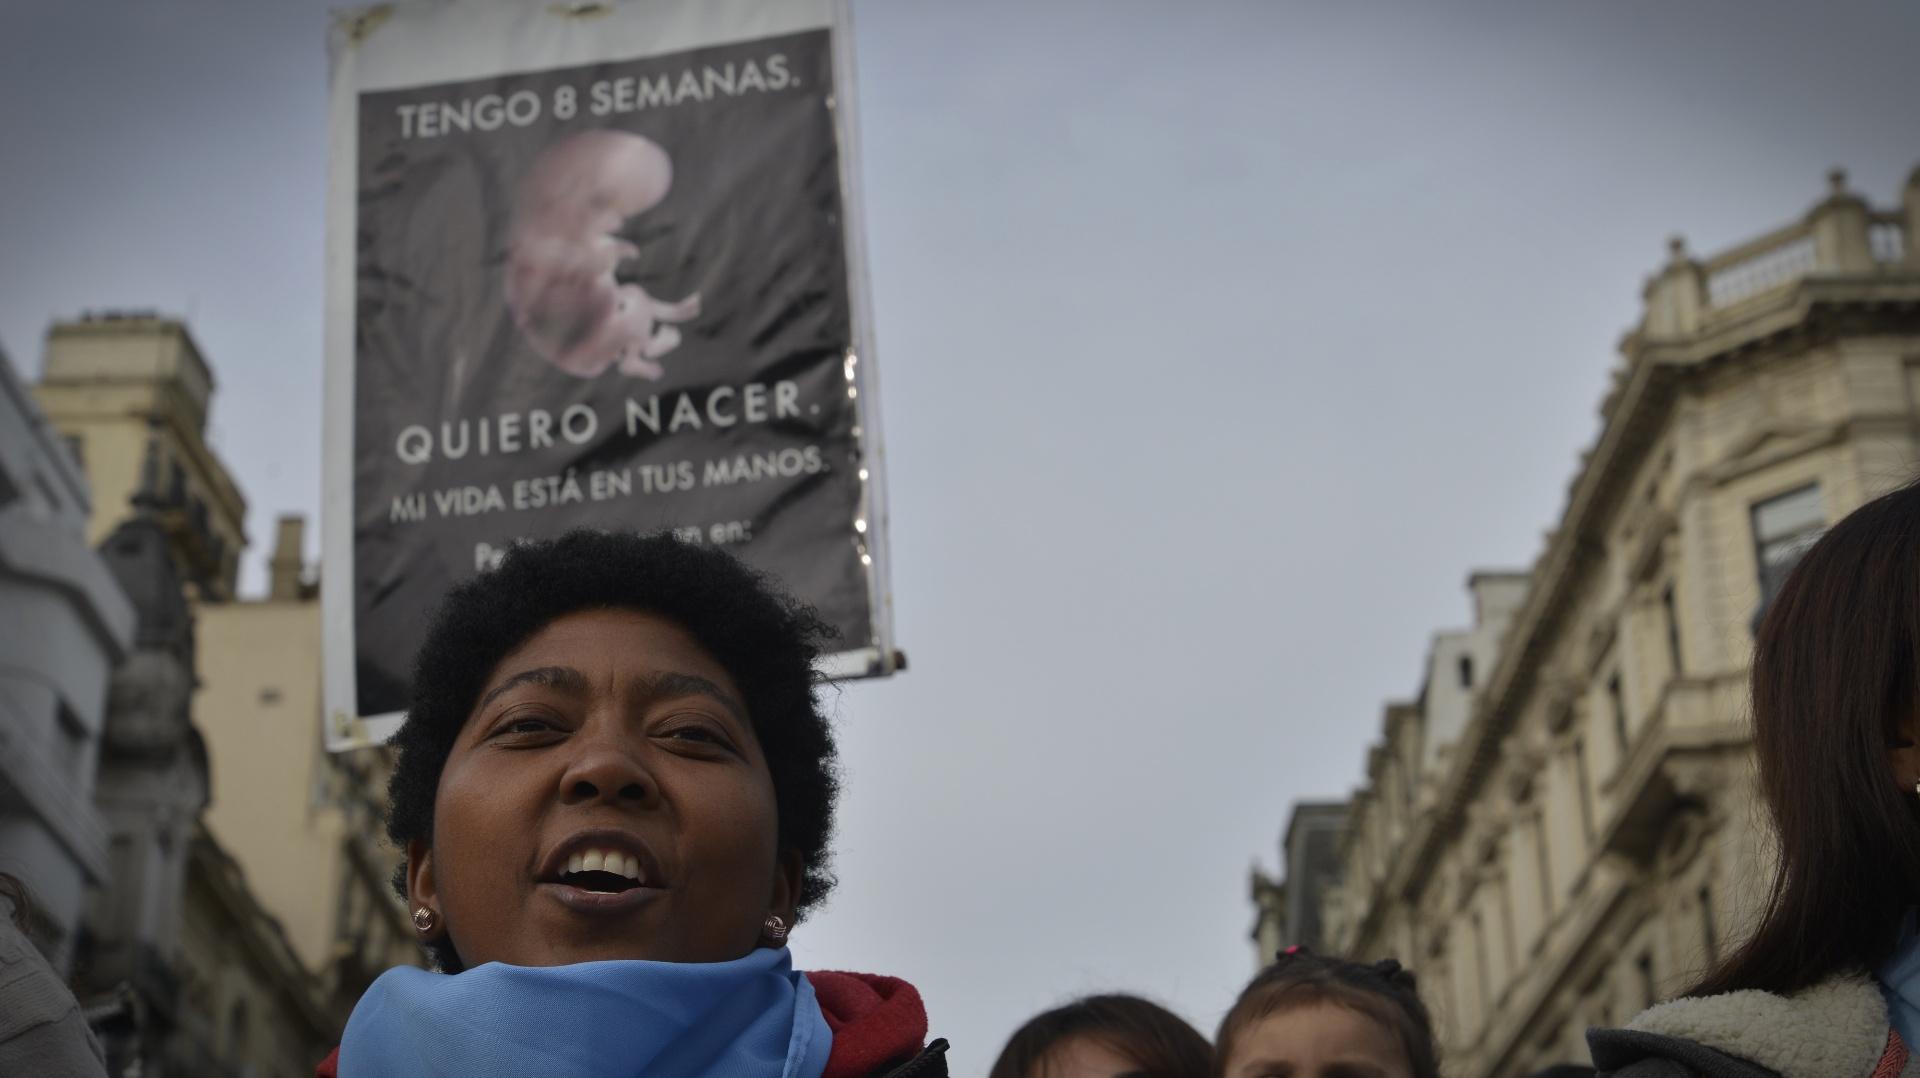 """""""Quiero nacer. Tengo 8 semanas. Mi vida está en tus manos"""", fue la leyenda de uno de los carteles que encabezó la manifestación"""